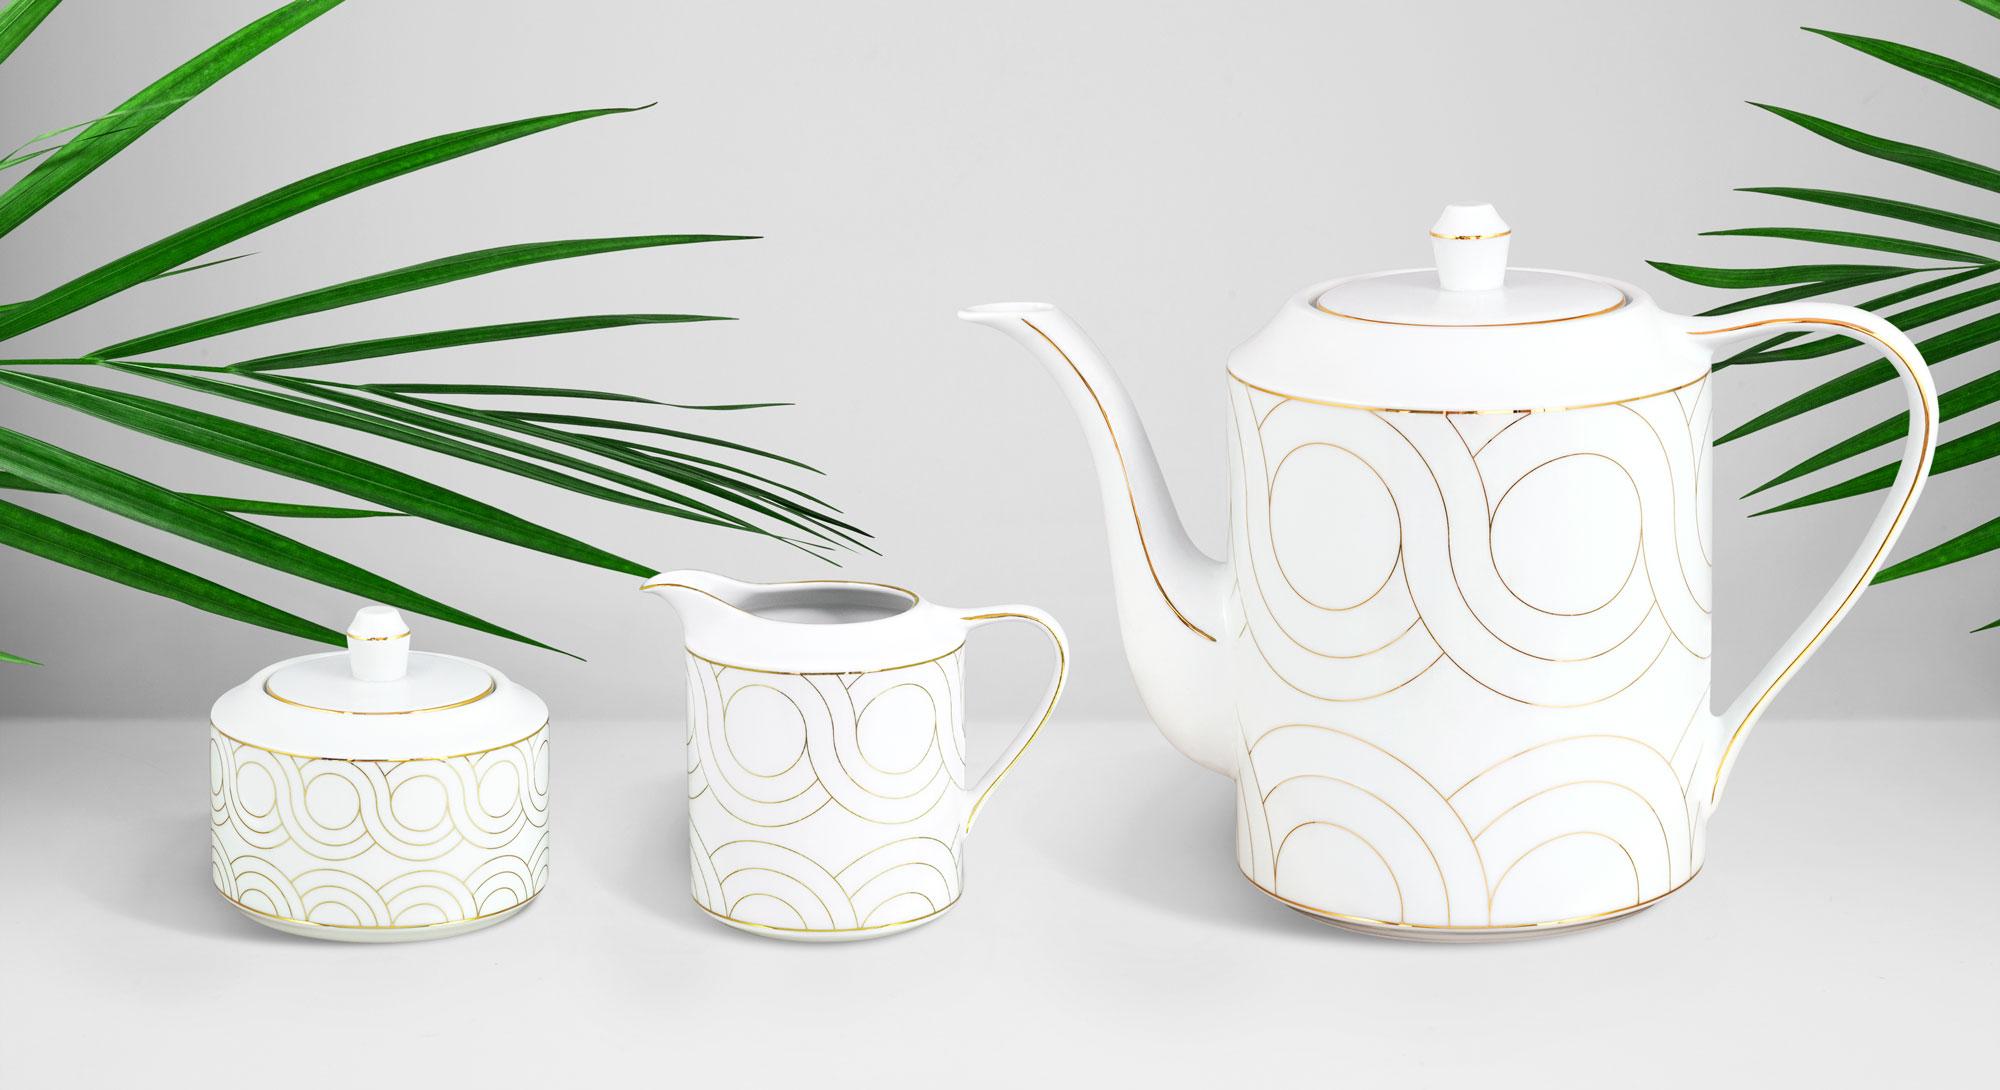 01_PorcelainShape_LenaModel_web